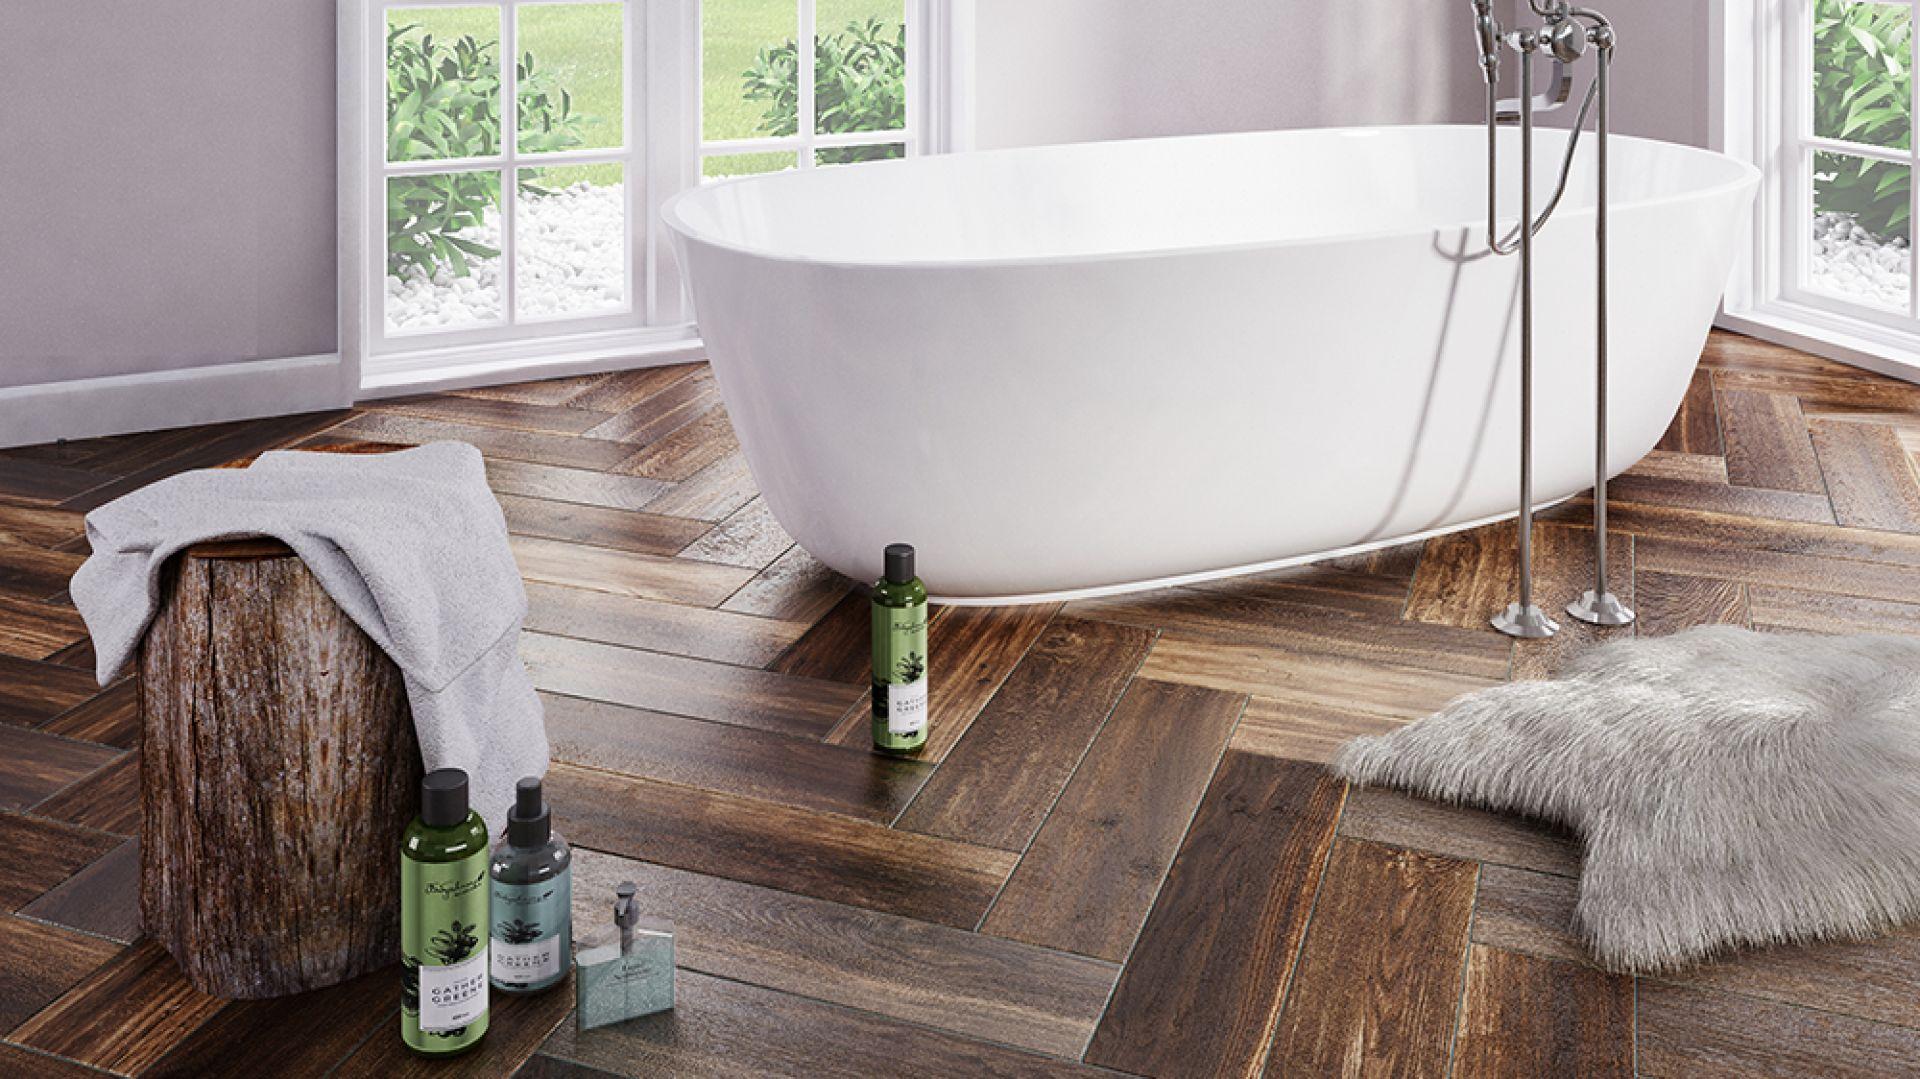 Płytki ceramiczne imitujące drewno to świetny sposób na wizualne ocieplenie łazienki. Na zdjęciu płytki z kolekcji Legnoart marki Ceramica Marconi. Fot. Polcolorit